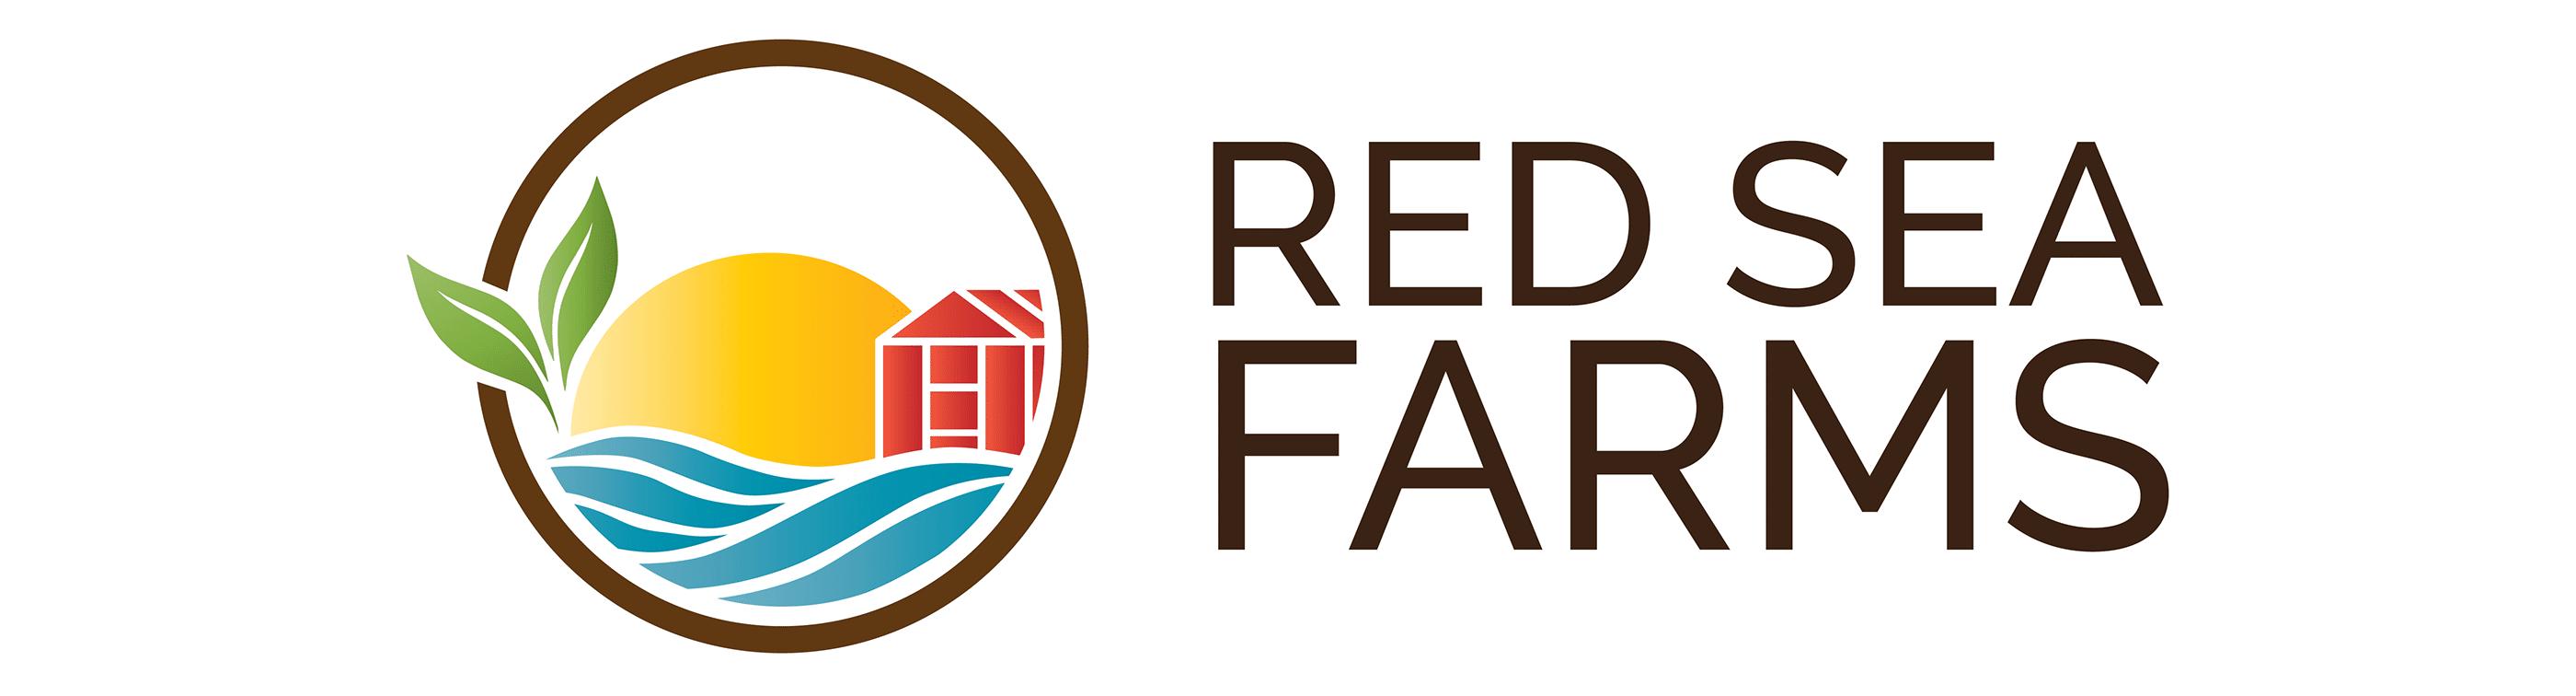 Redsea Farms logo